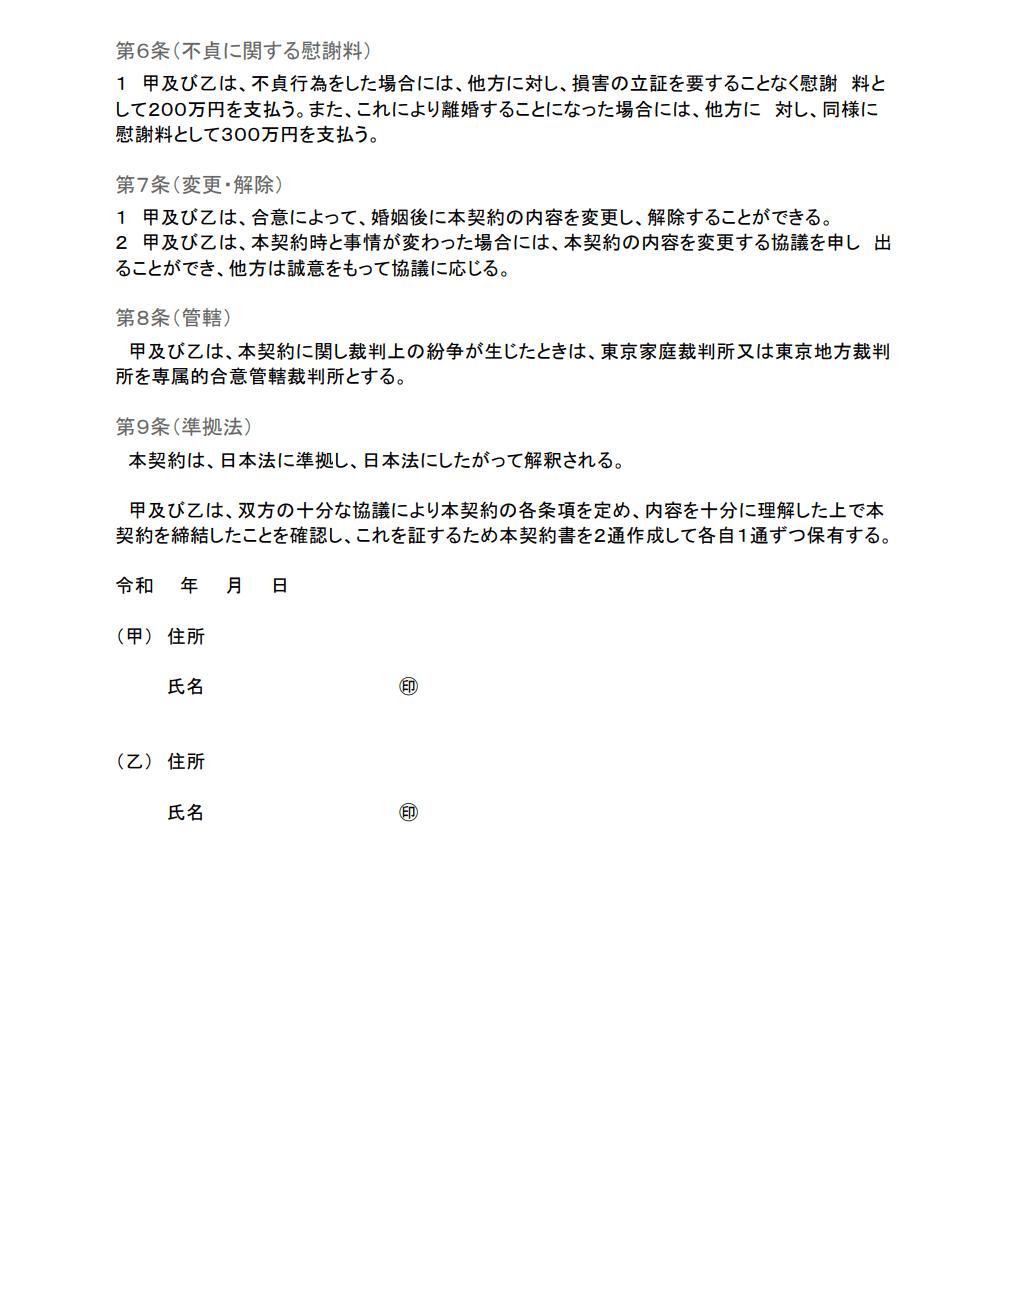 婚前契約書のテンプレート(2/2ページ)